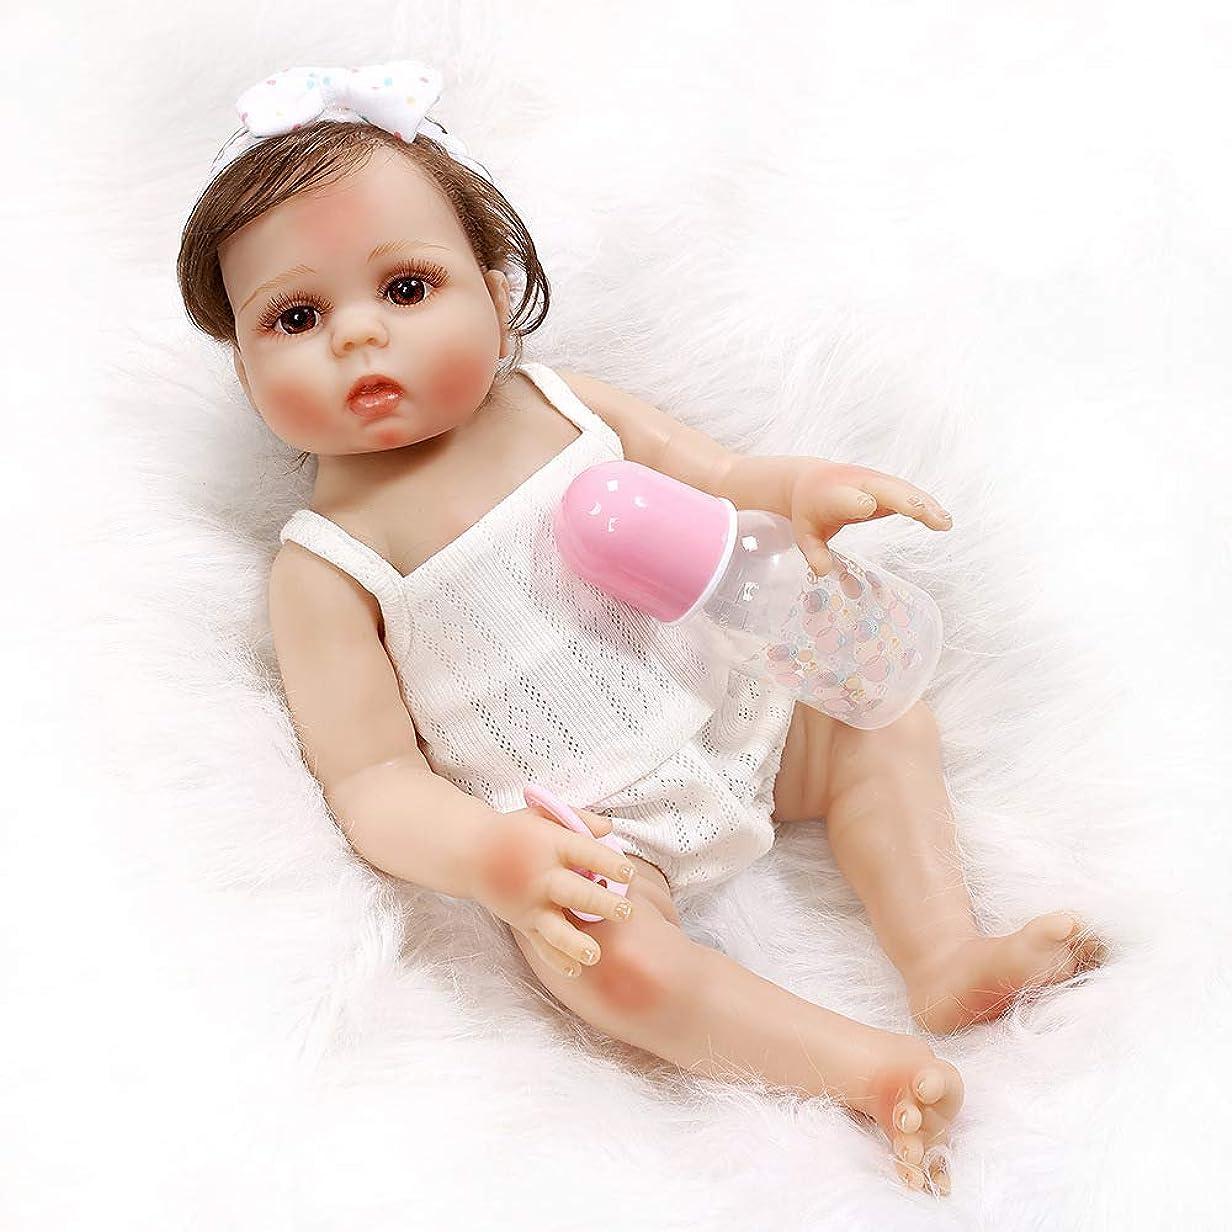 湿地作詞家タービンリボーンベイビードールバス48センチ19インチリアルな新生児オープンアイズガールドールフルボディシリコンビニール防水おもちゃおしゃぶり,B